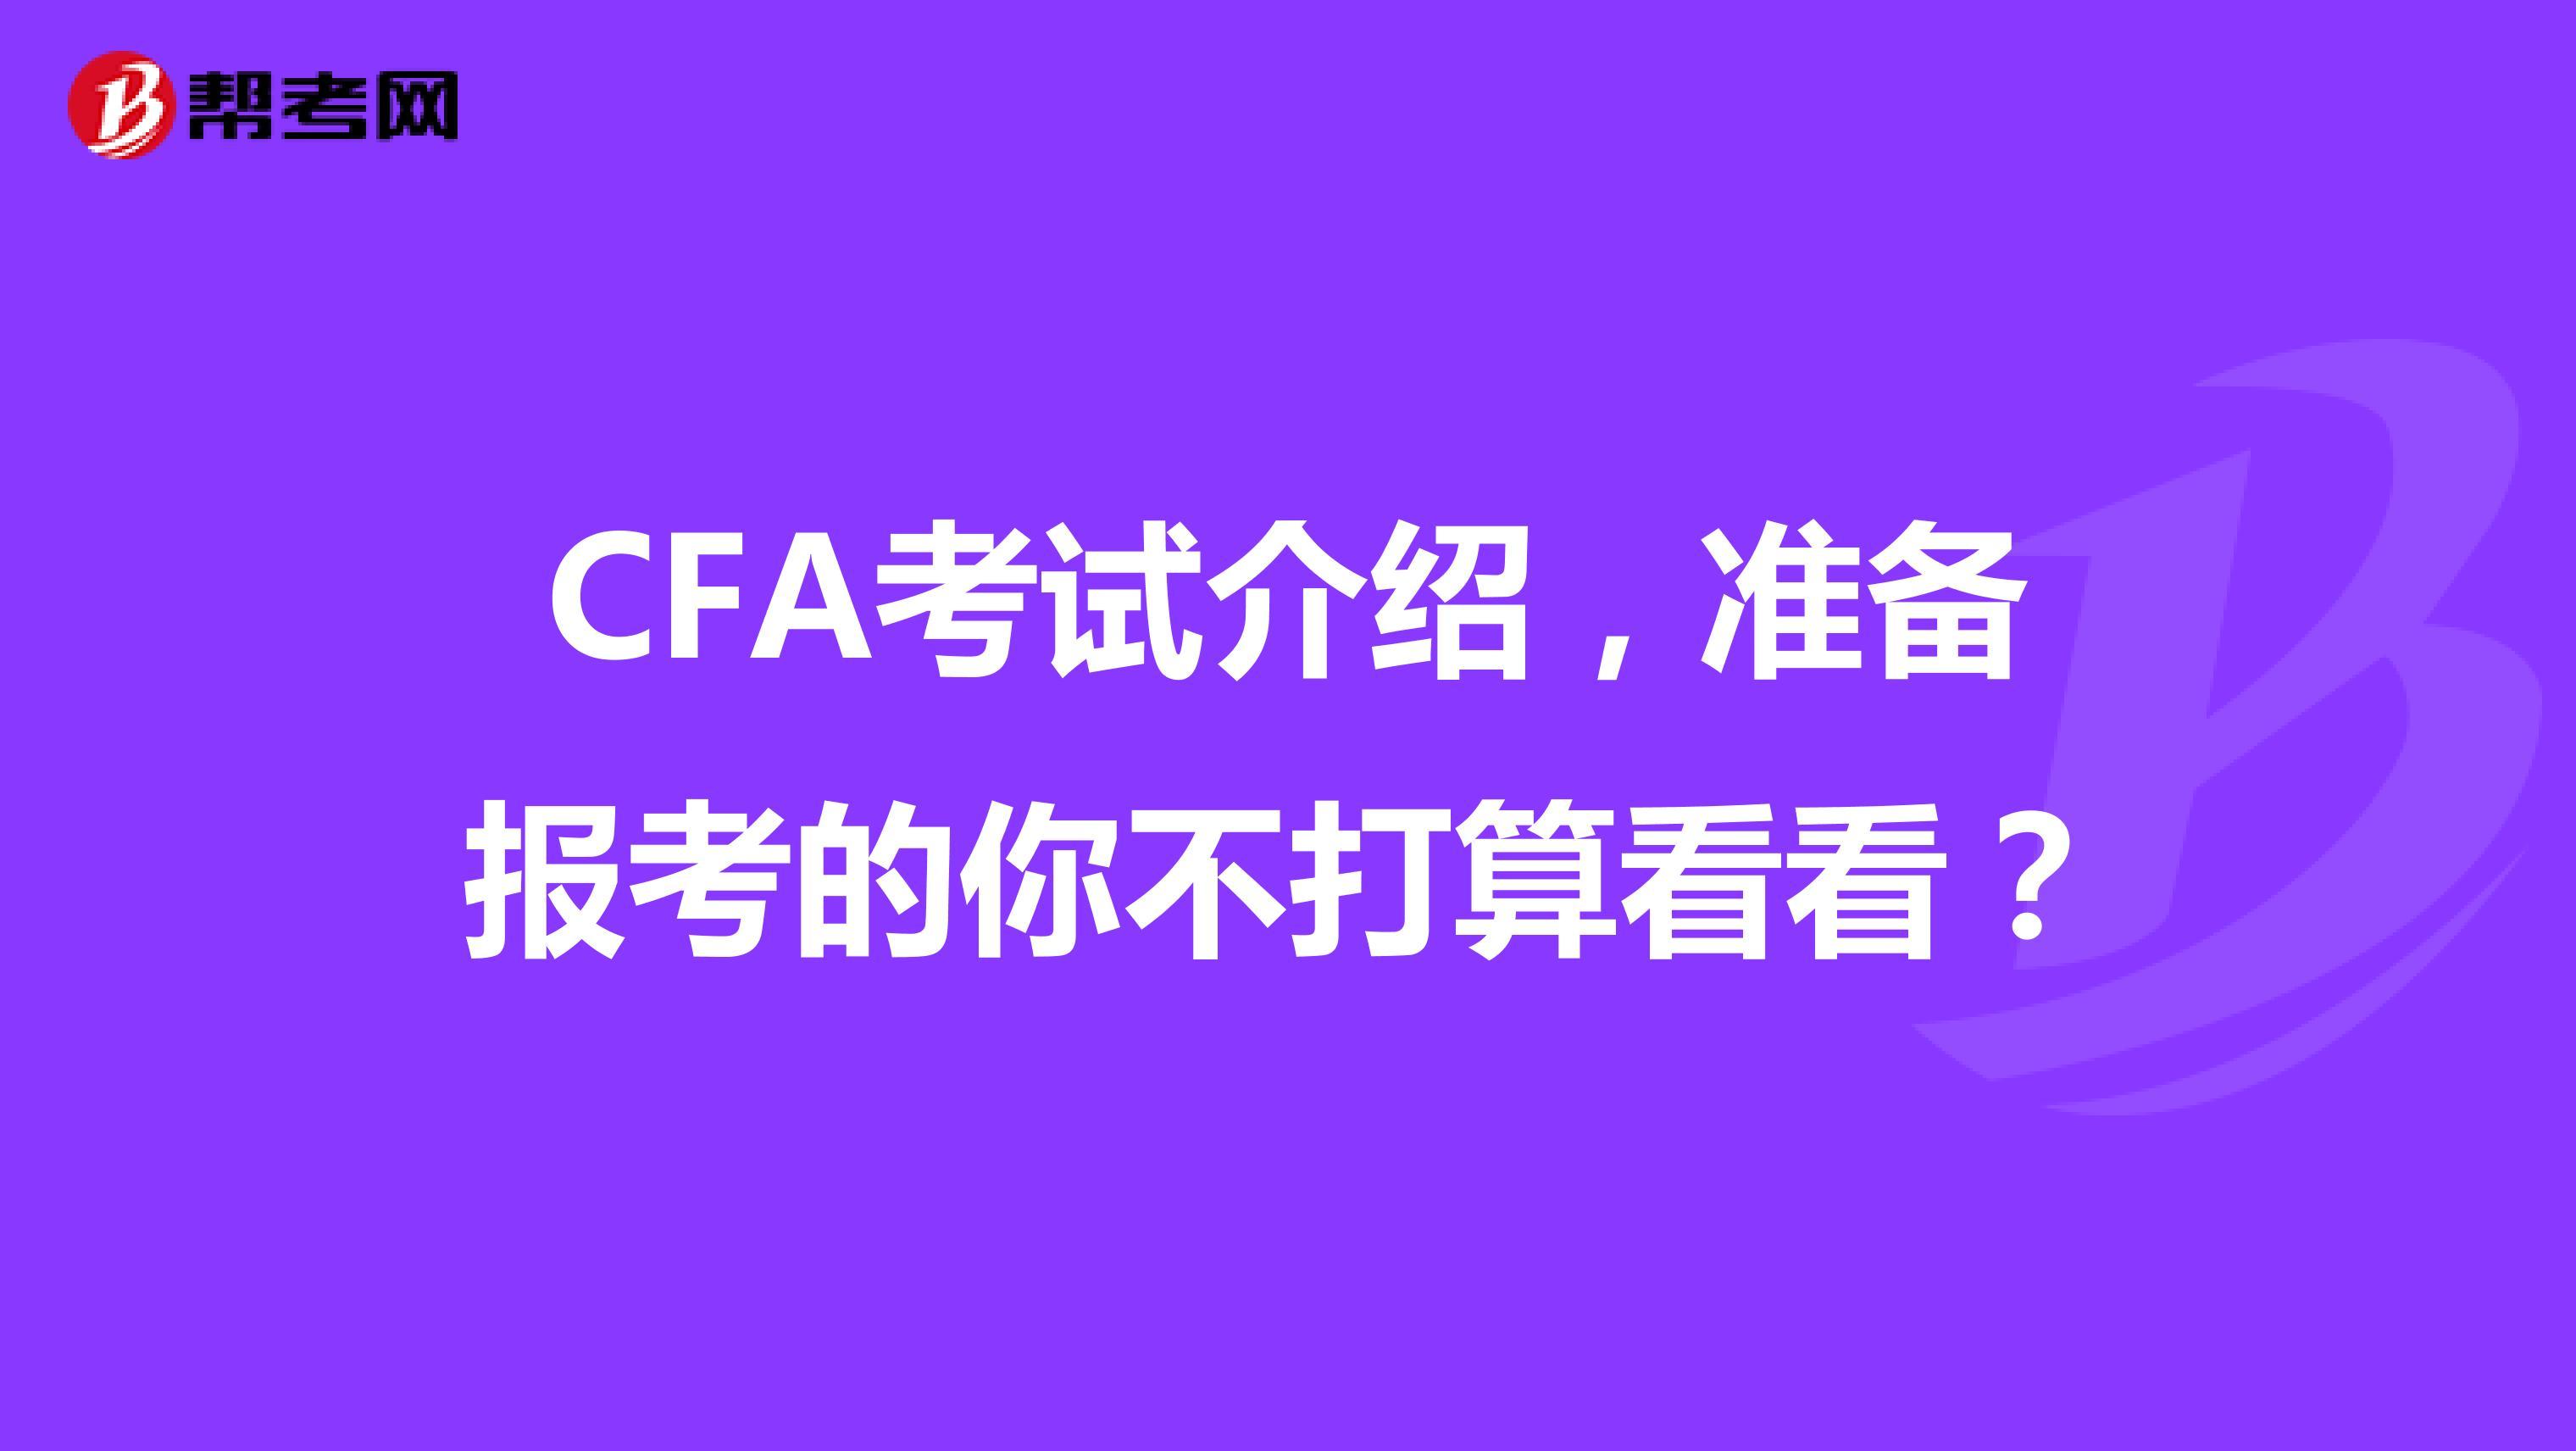 CFA考試介紹,準備報考的你不打算看看?